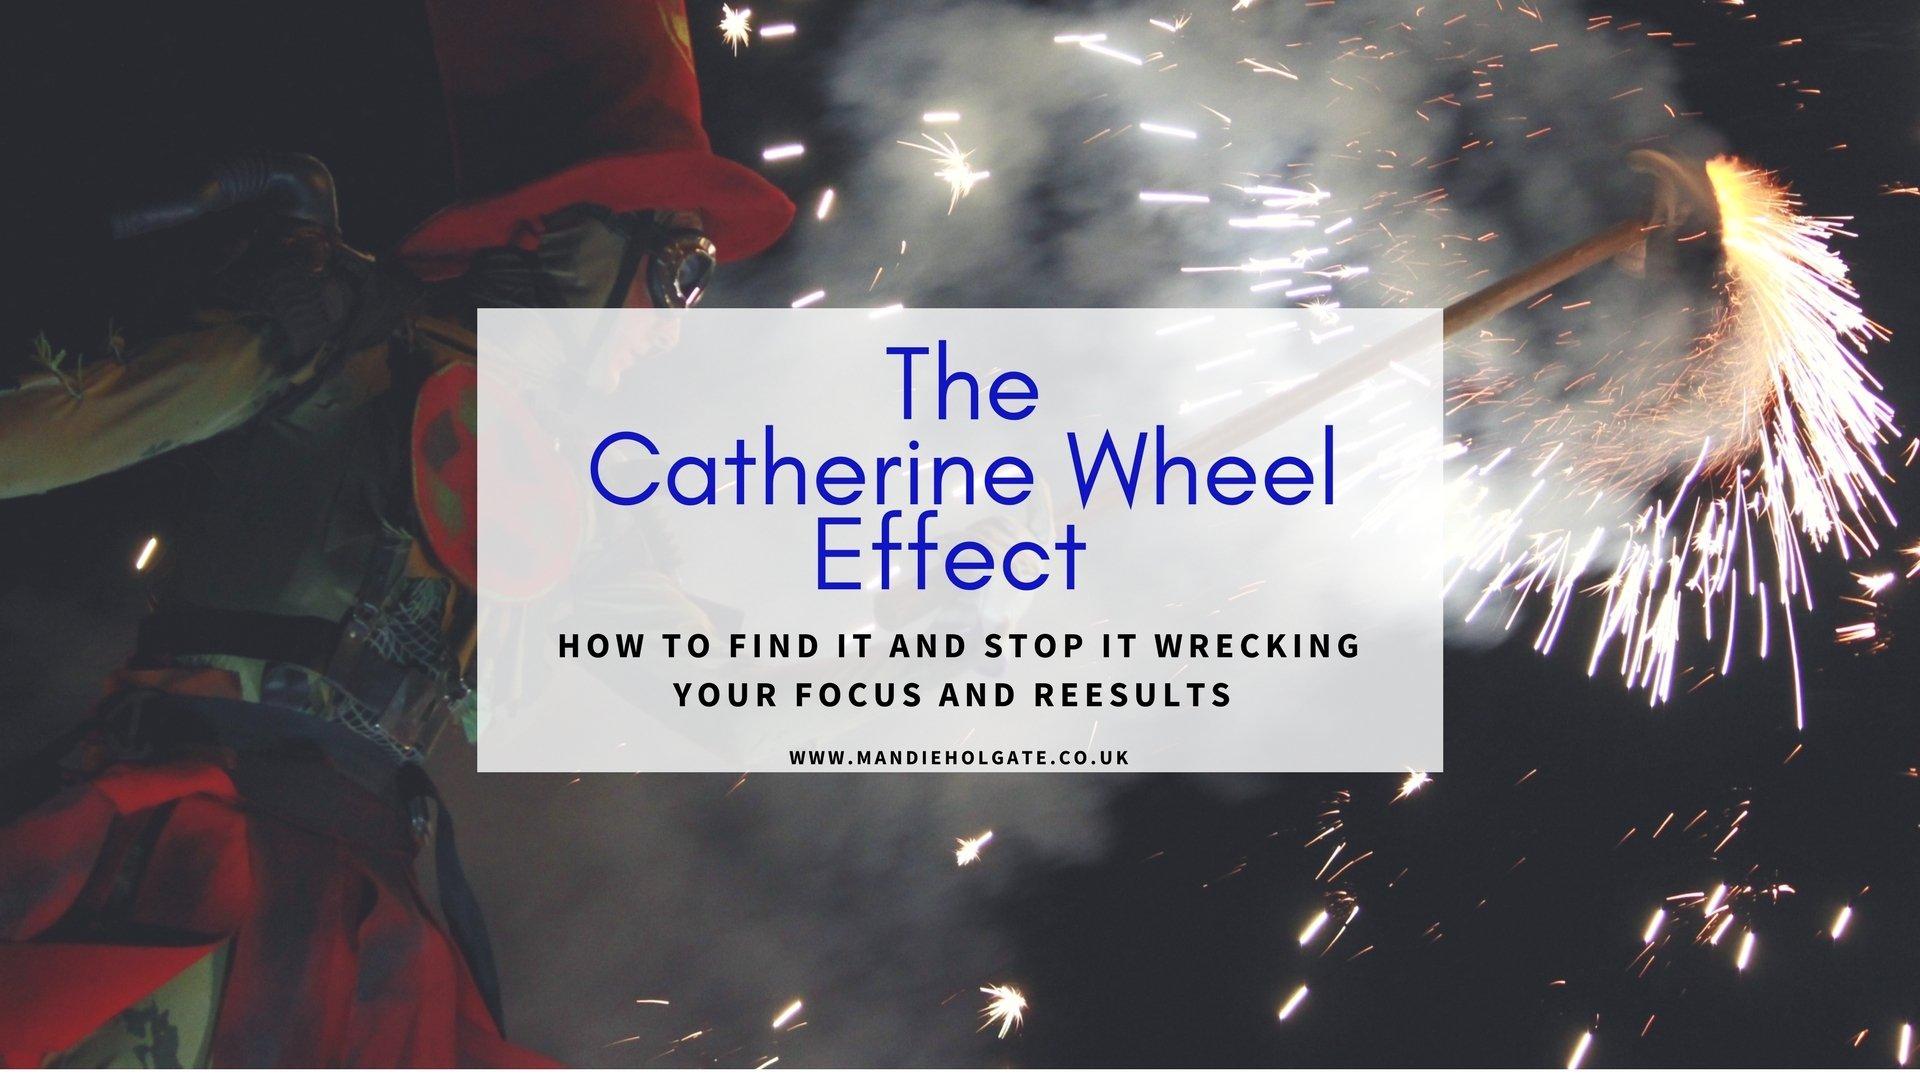 The Catherine Wheel Effect Mandie Holgate focus